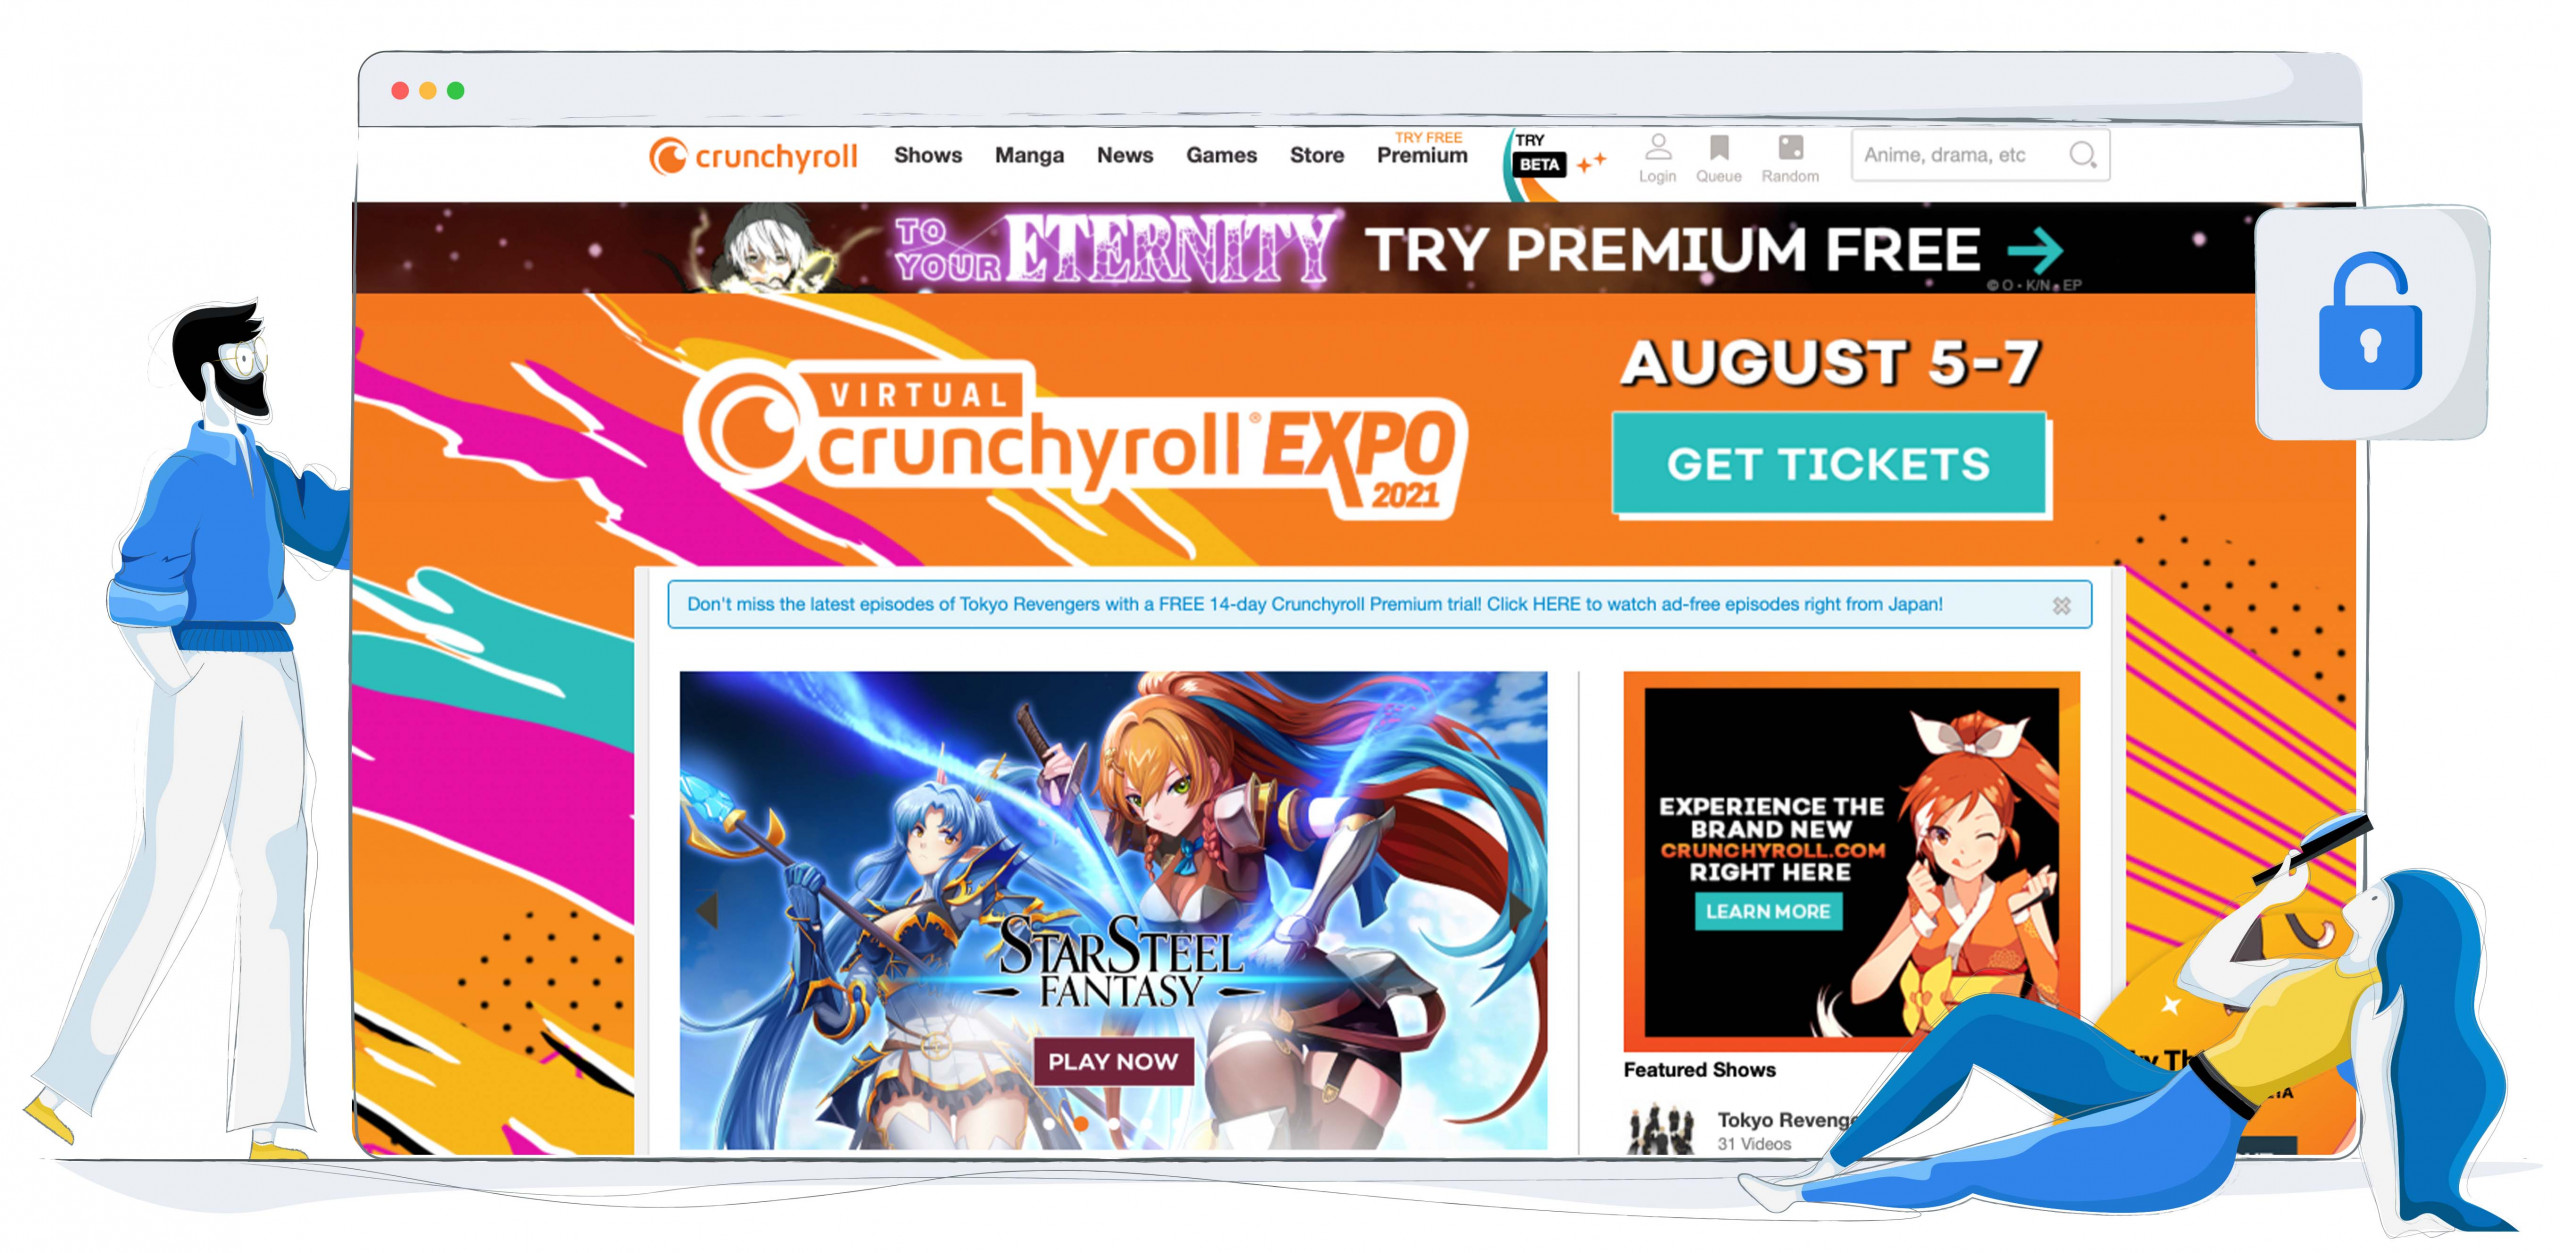 Crunchyroll'da akış için Anime ve Manga mevcut